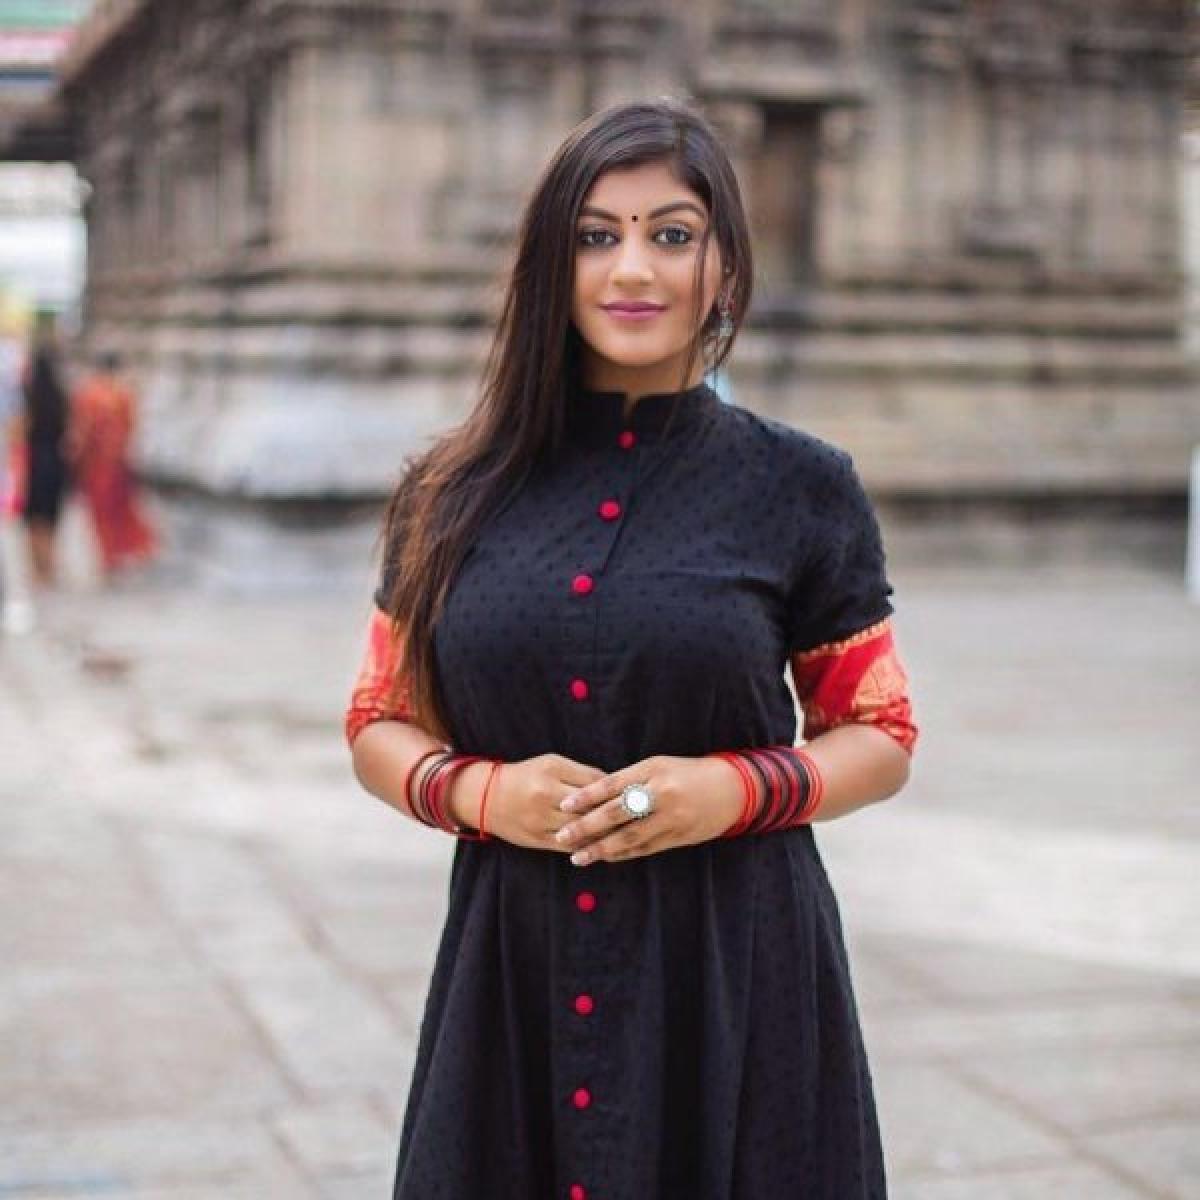 ``ஐஸ்வர்யா ஒரு குழந்தை மாதிரி... அவ பெரிய தப்பு எதுவும் பண்ணலை..!'' - யாஷிகா #VikatanExclusive